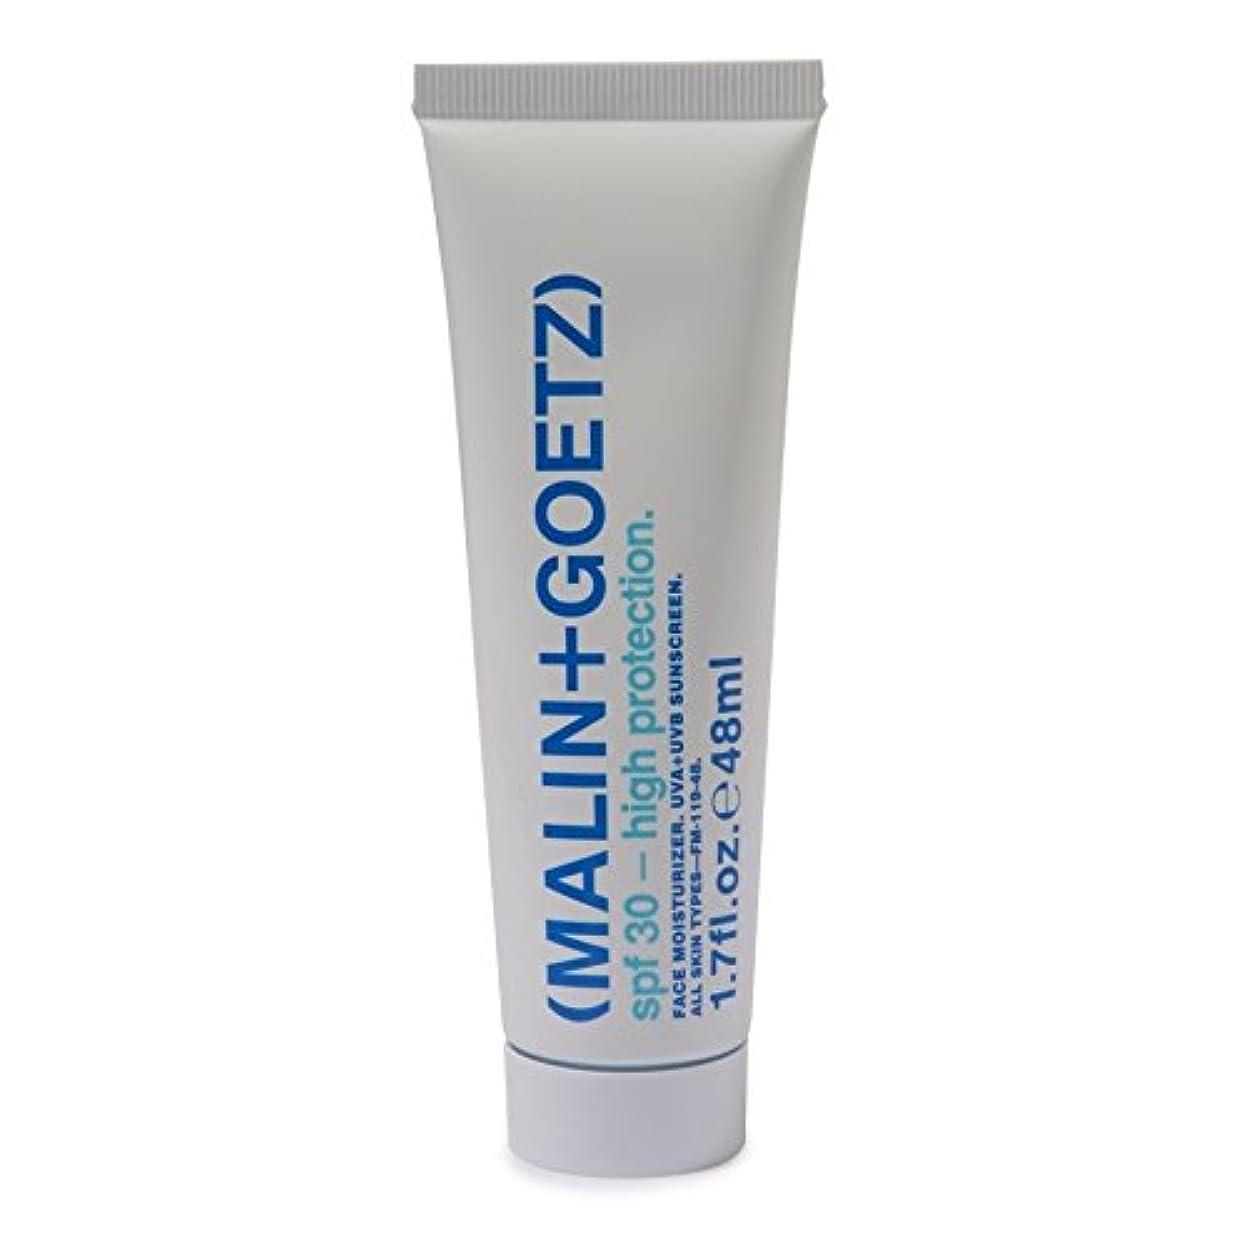 ケーキつかいます継承マリン+ゲッツ顔の保湿剤の 30 48ミリリットル x2 - MALIN+GOETZ Face Moisturiser SPF 30 48ml (Pack of 2) [並行輸入品]